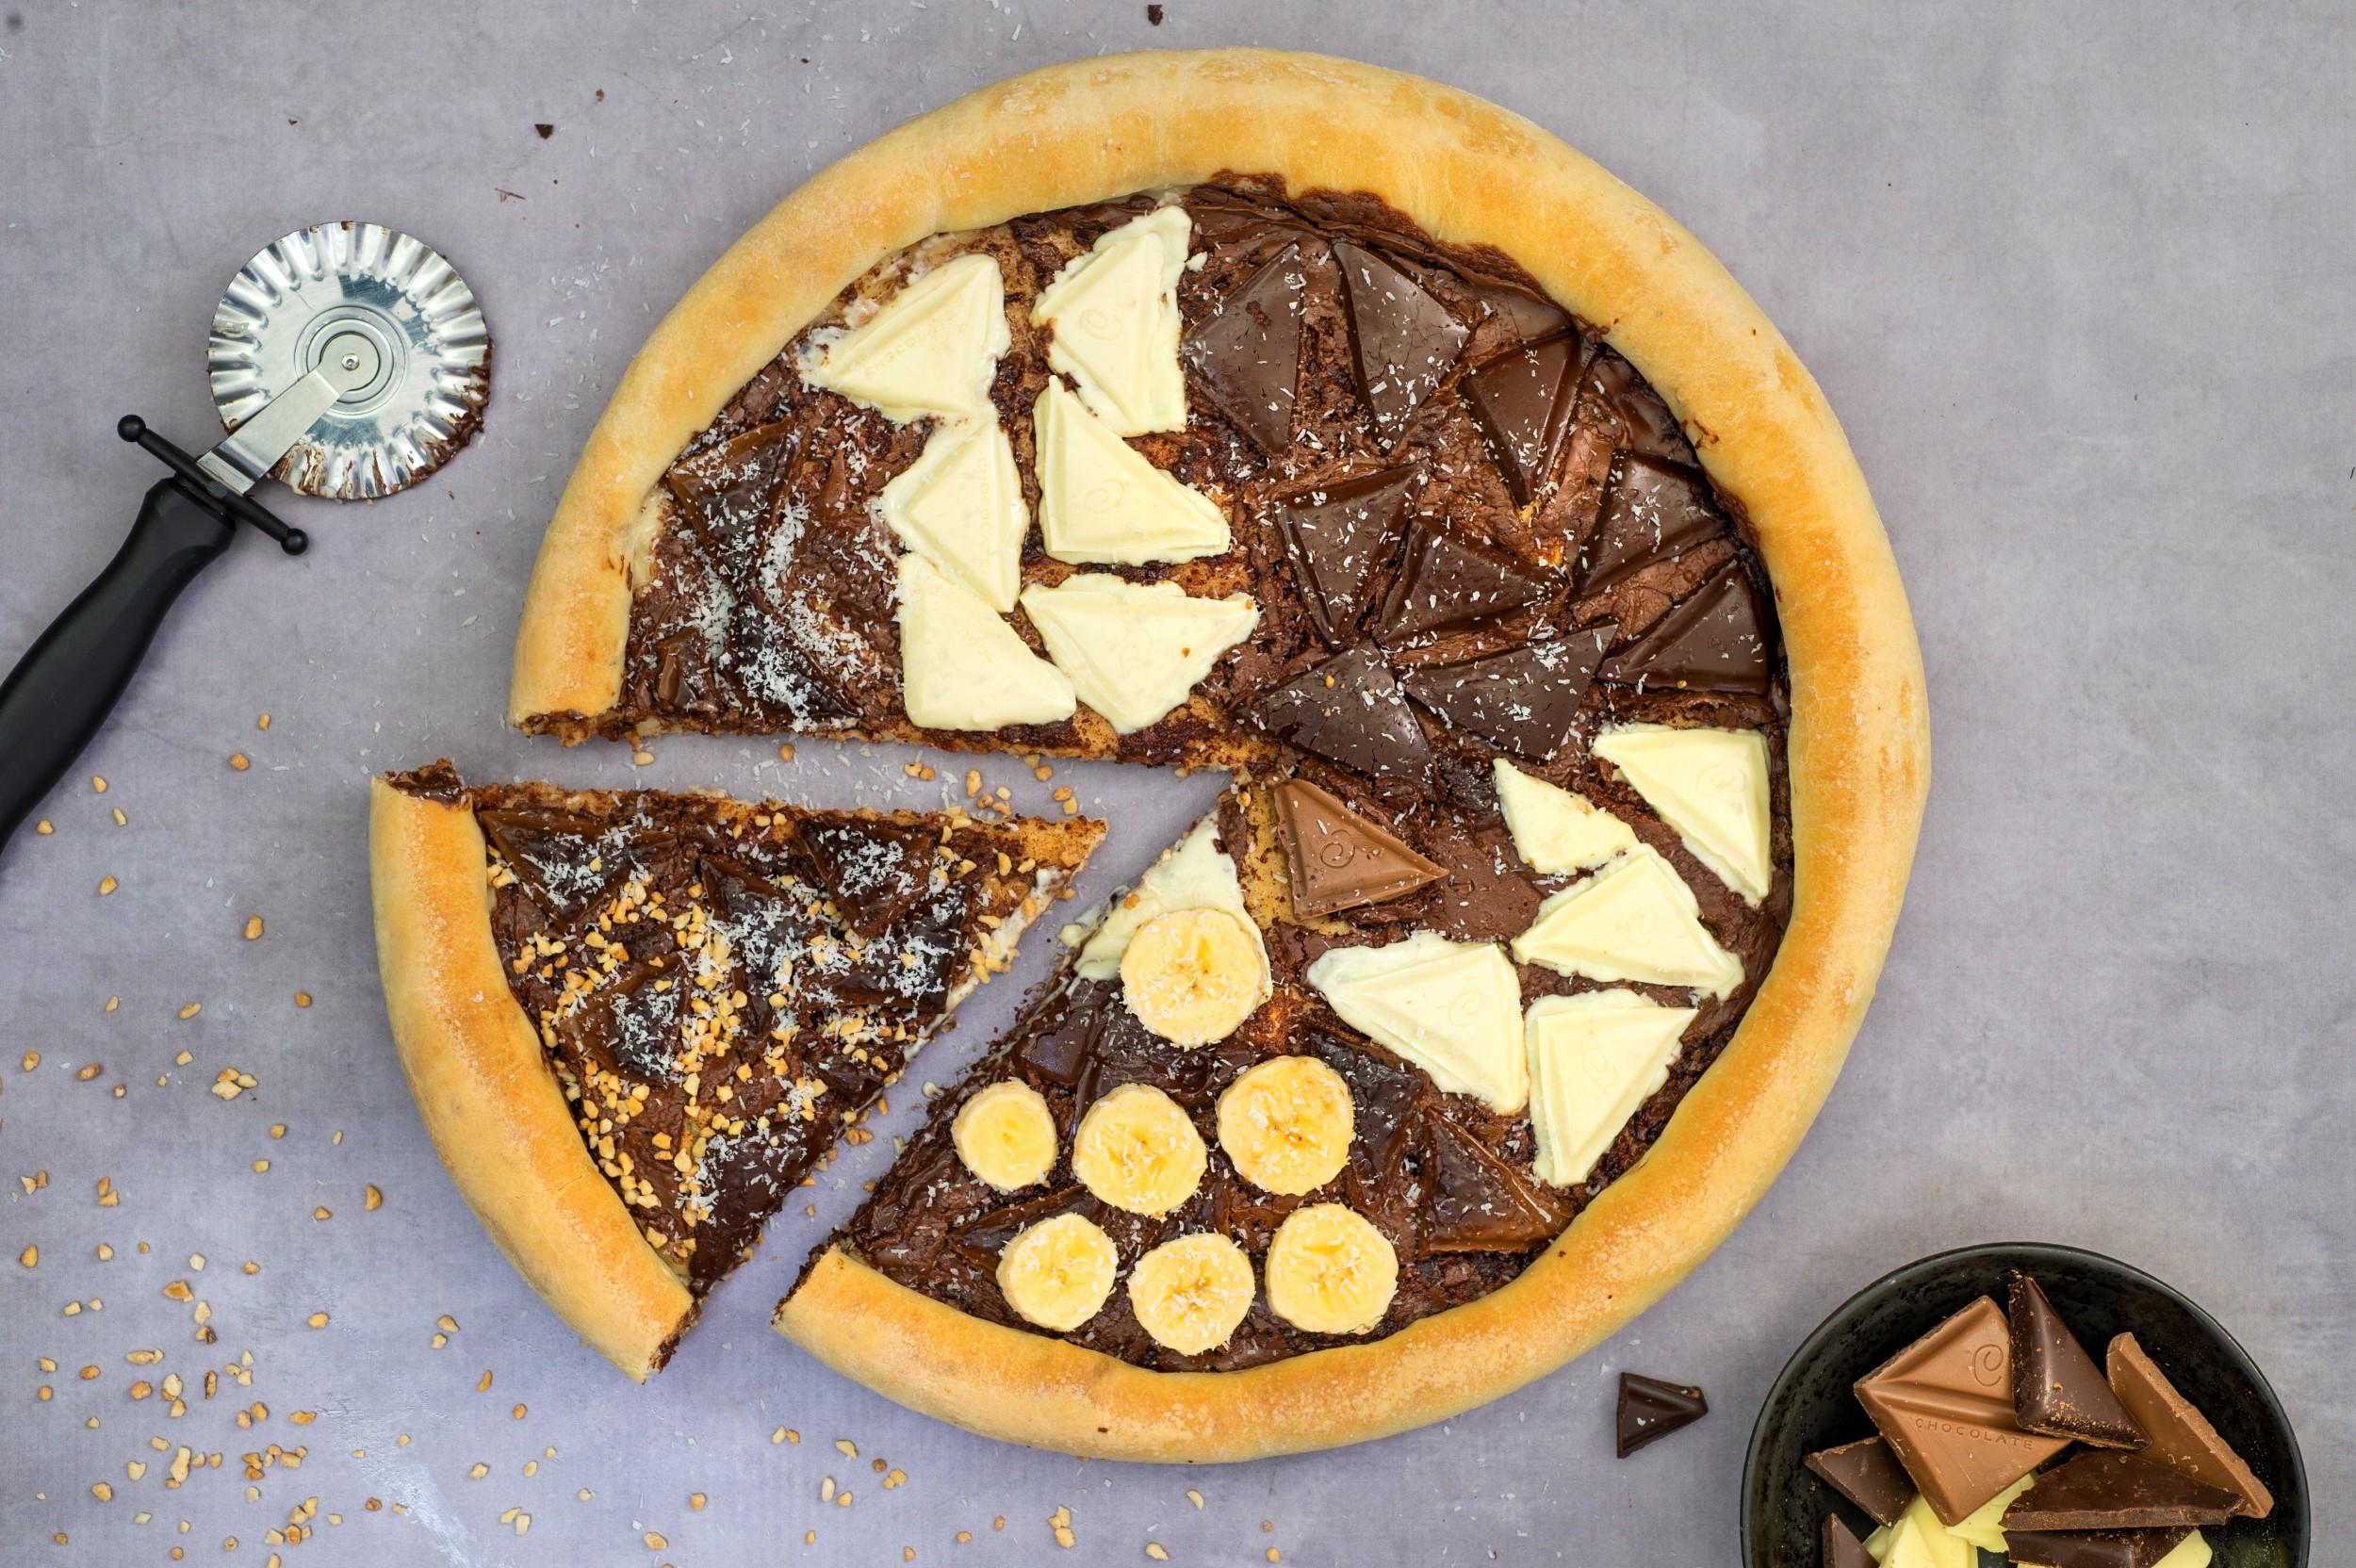 חברת כרמית חולקת מתכון פיצה שוקולד ב 3 צבעים צילום גלי איתן (1)